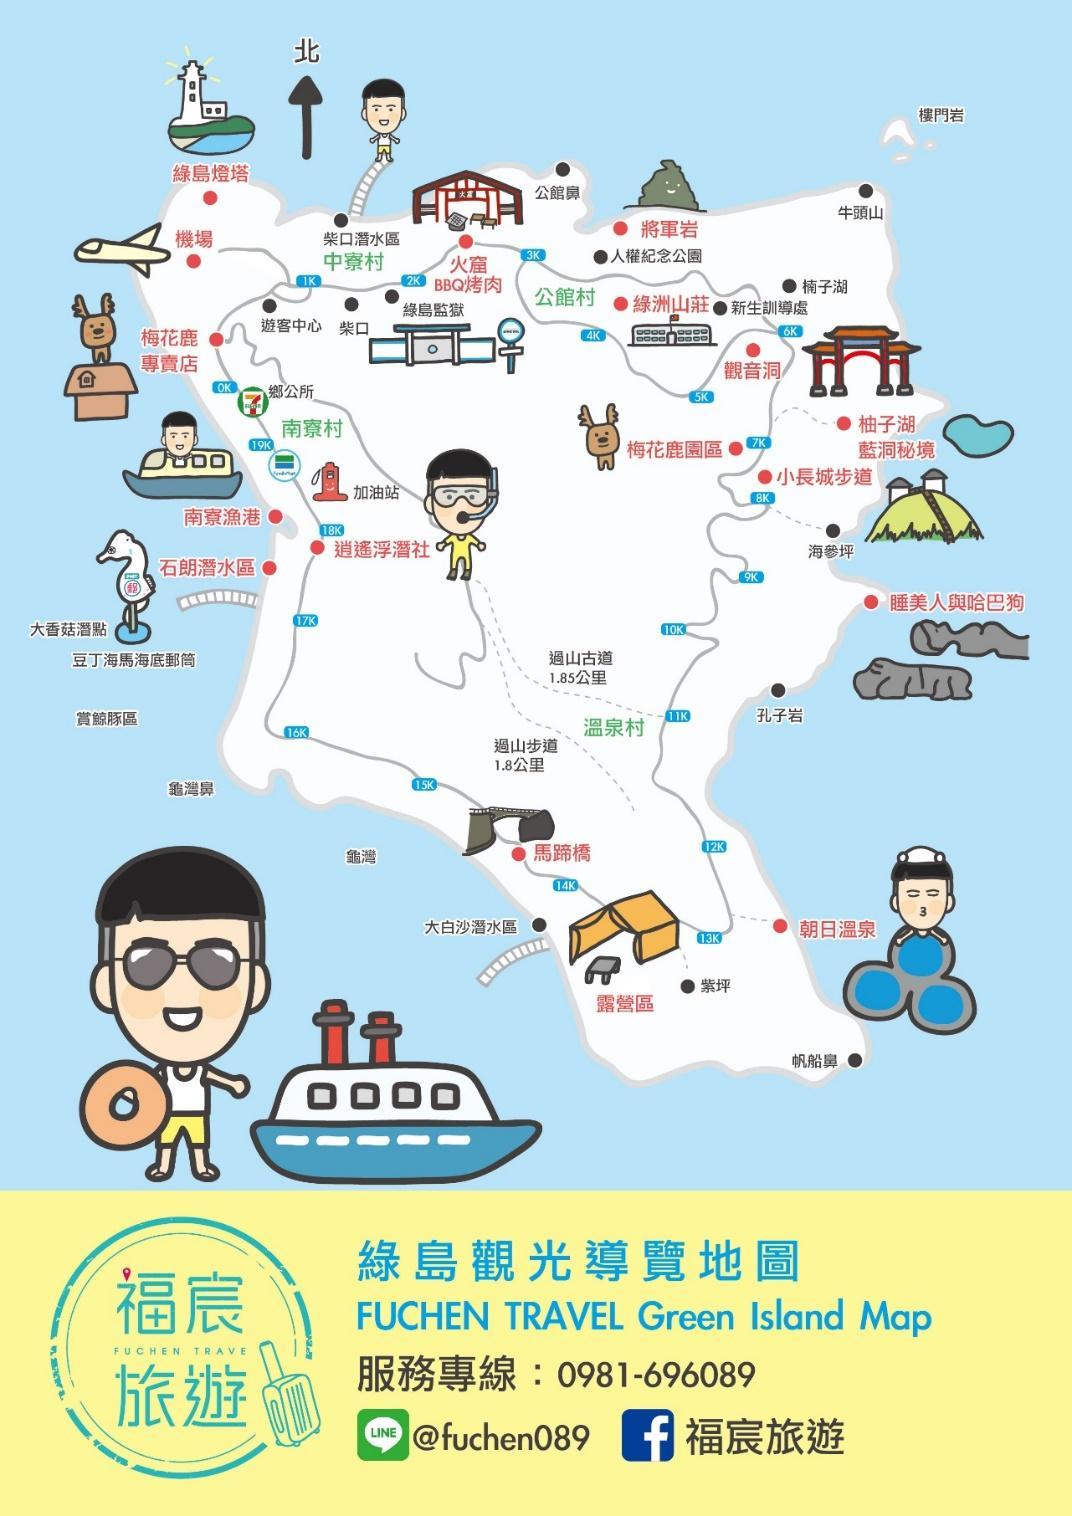 綠島景點觀光地圖